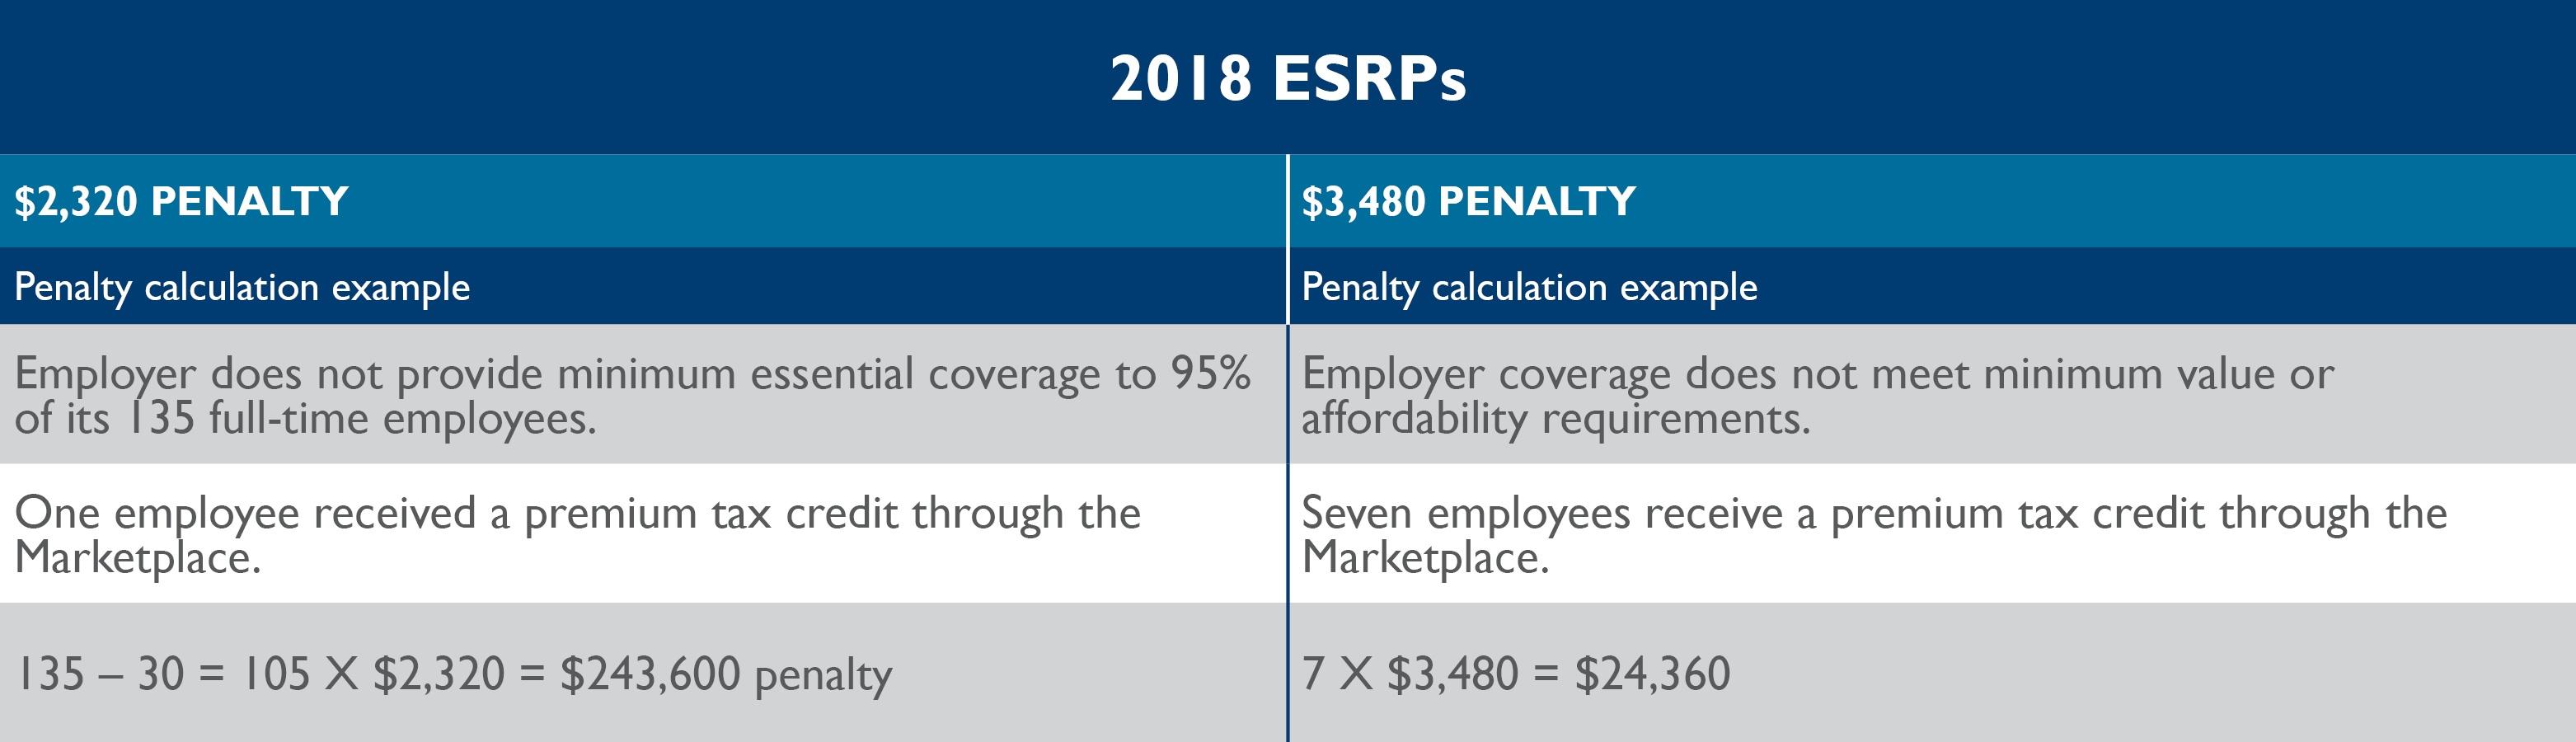 IRS 2018 penalties.jpg